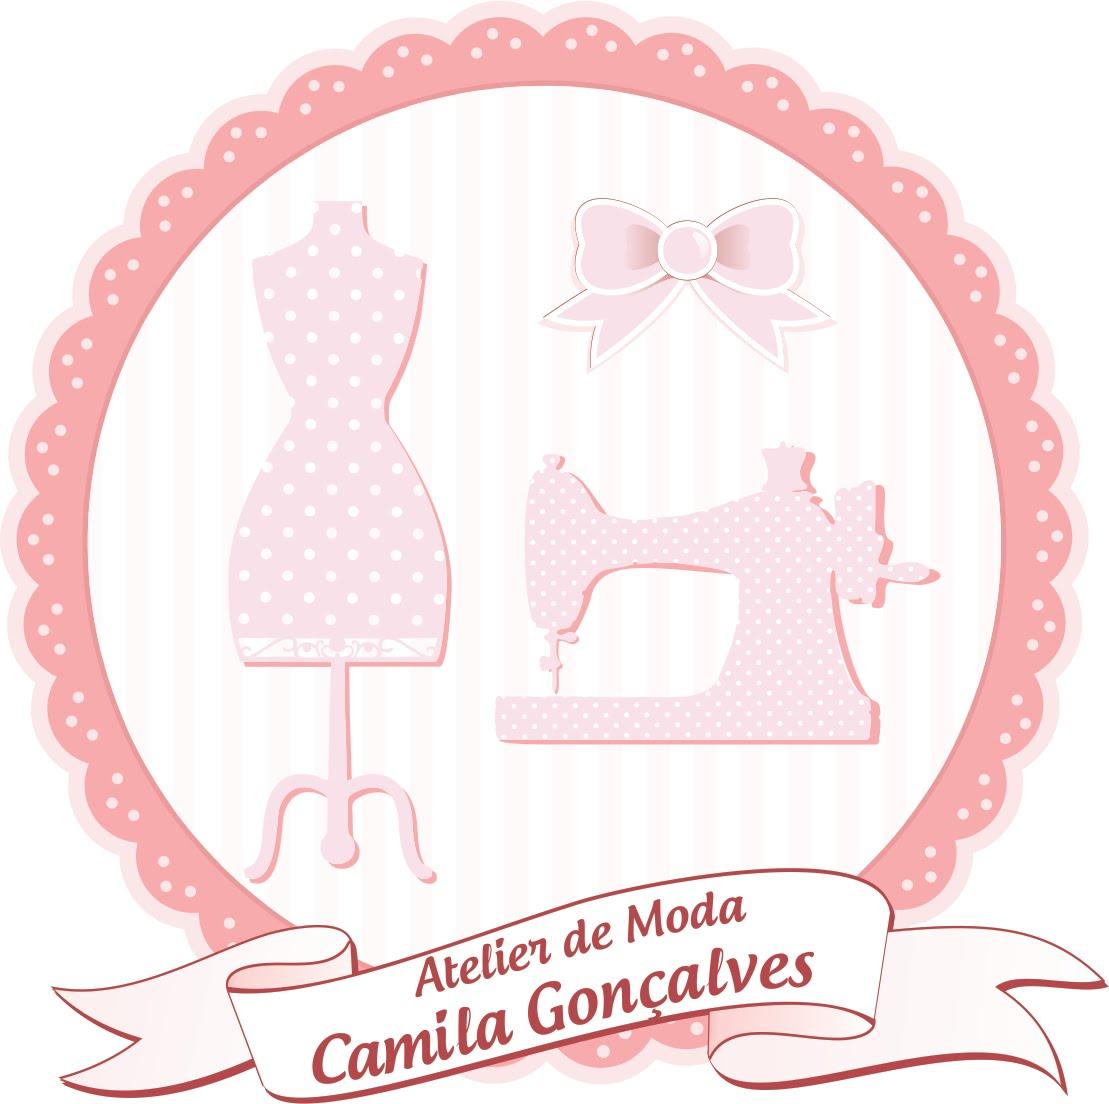 ATELIER DE MODA CAMILA GONÇALVES!